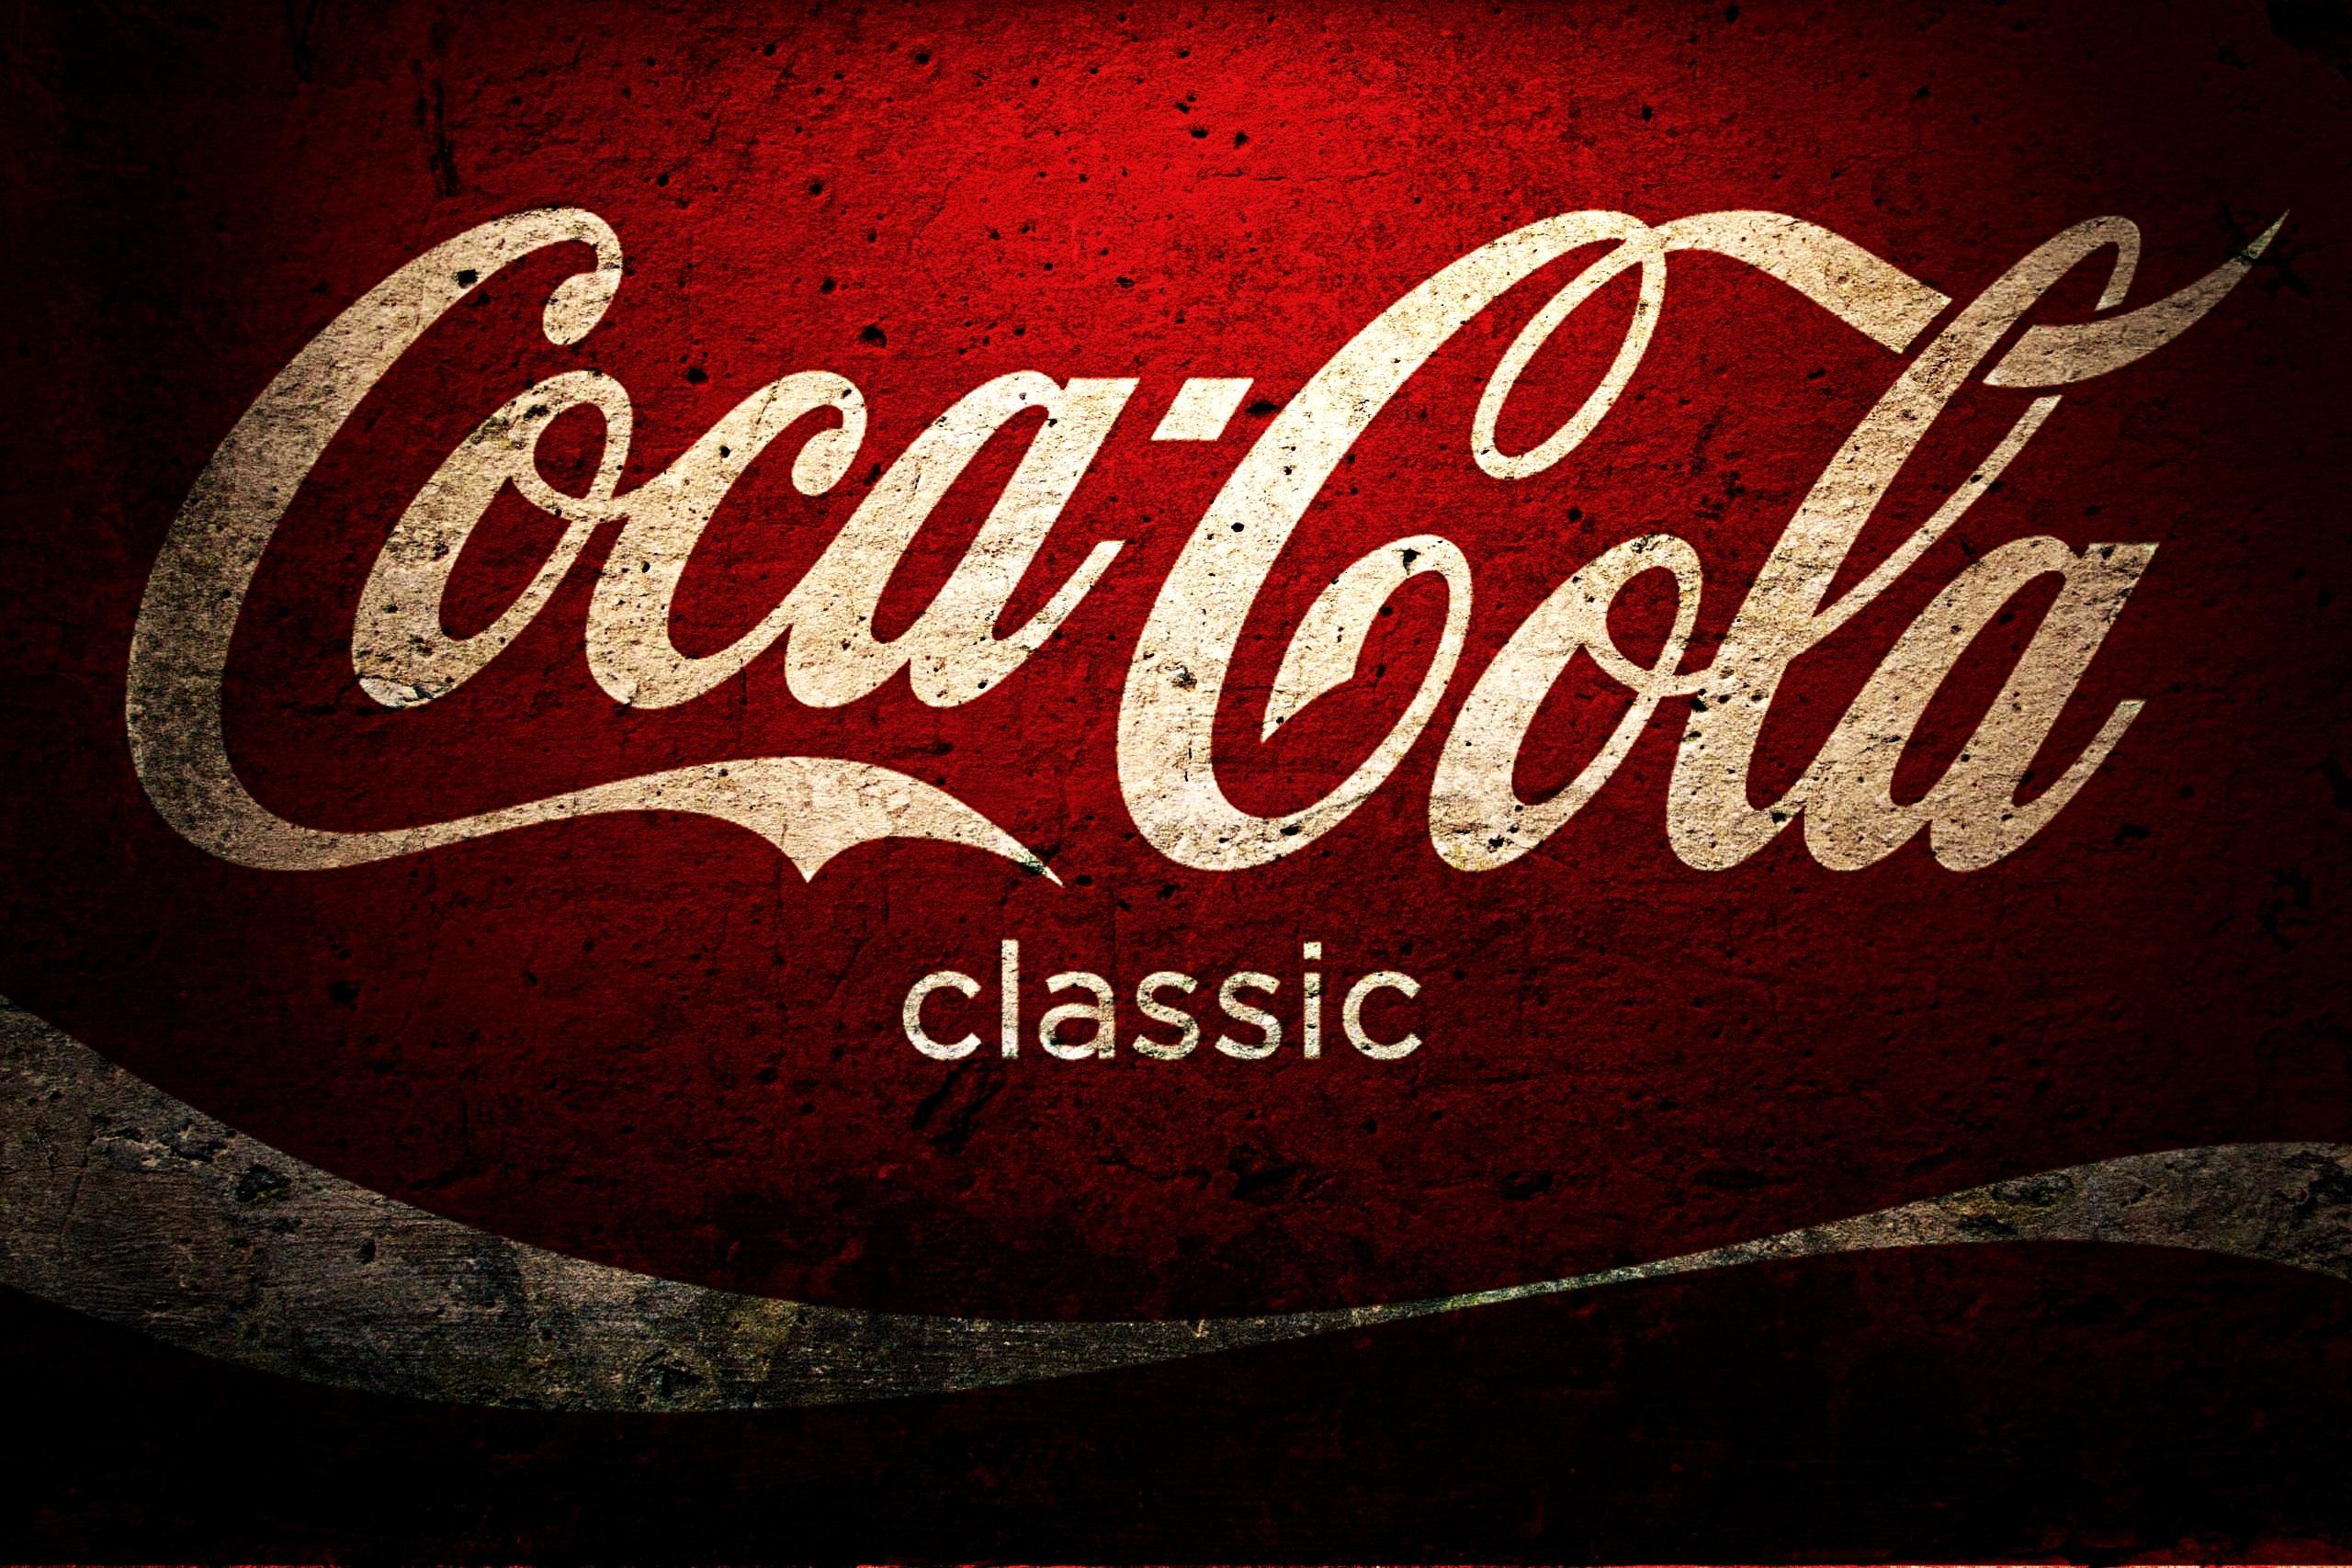 Hintergrundbilder : rot, Logo, Coca Cola, klassisch, Computer-Tapete ...